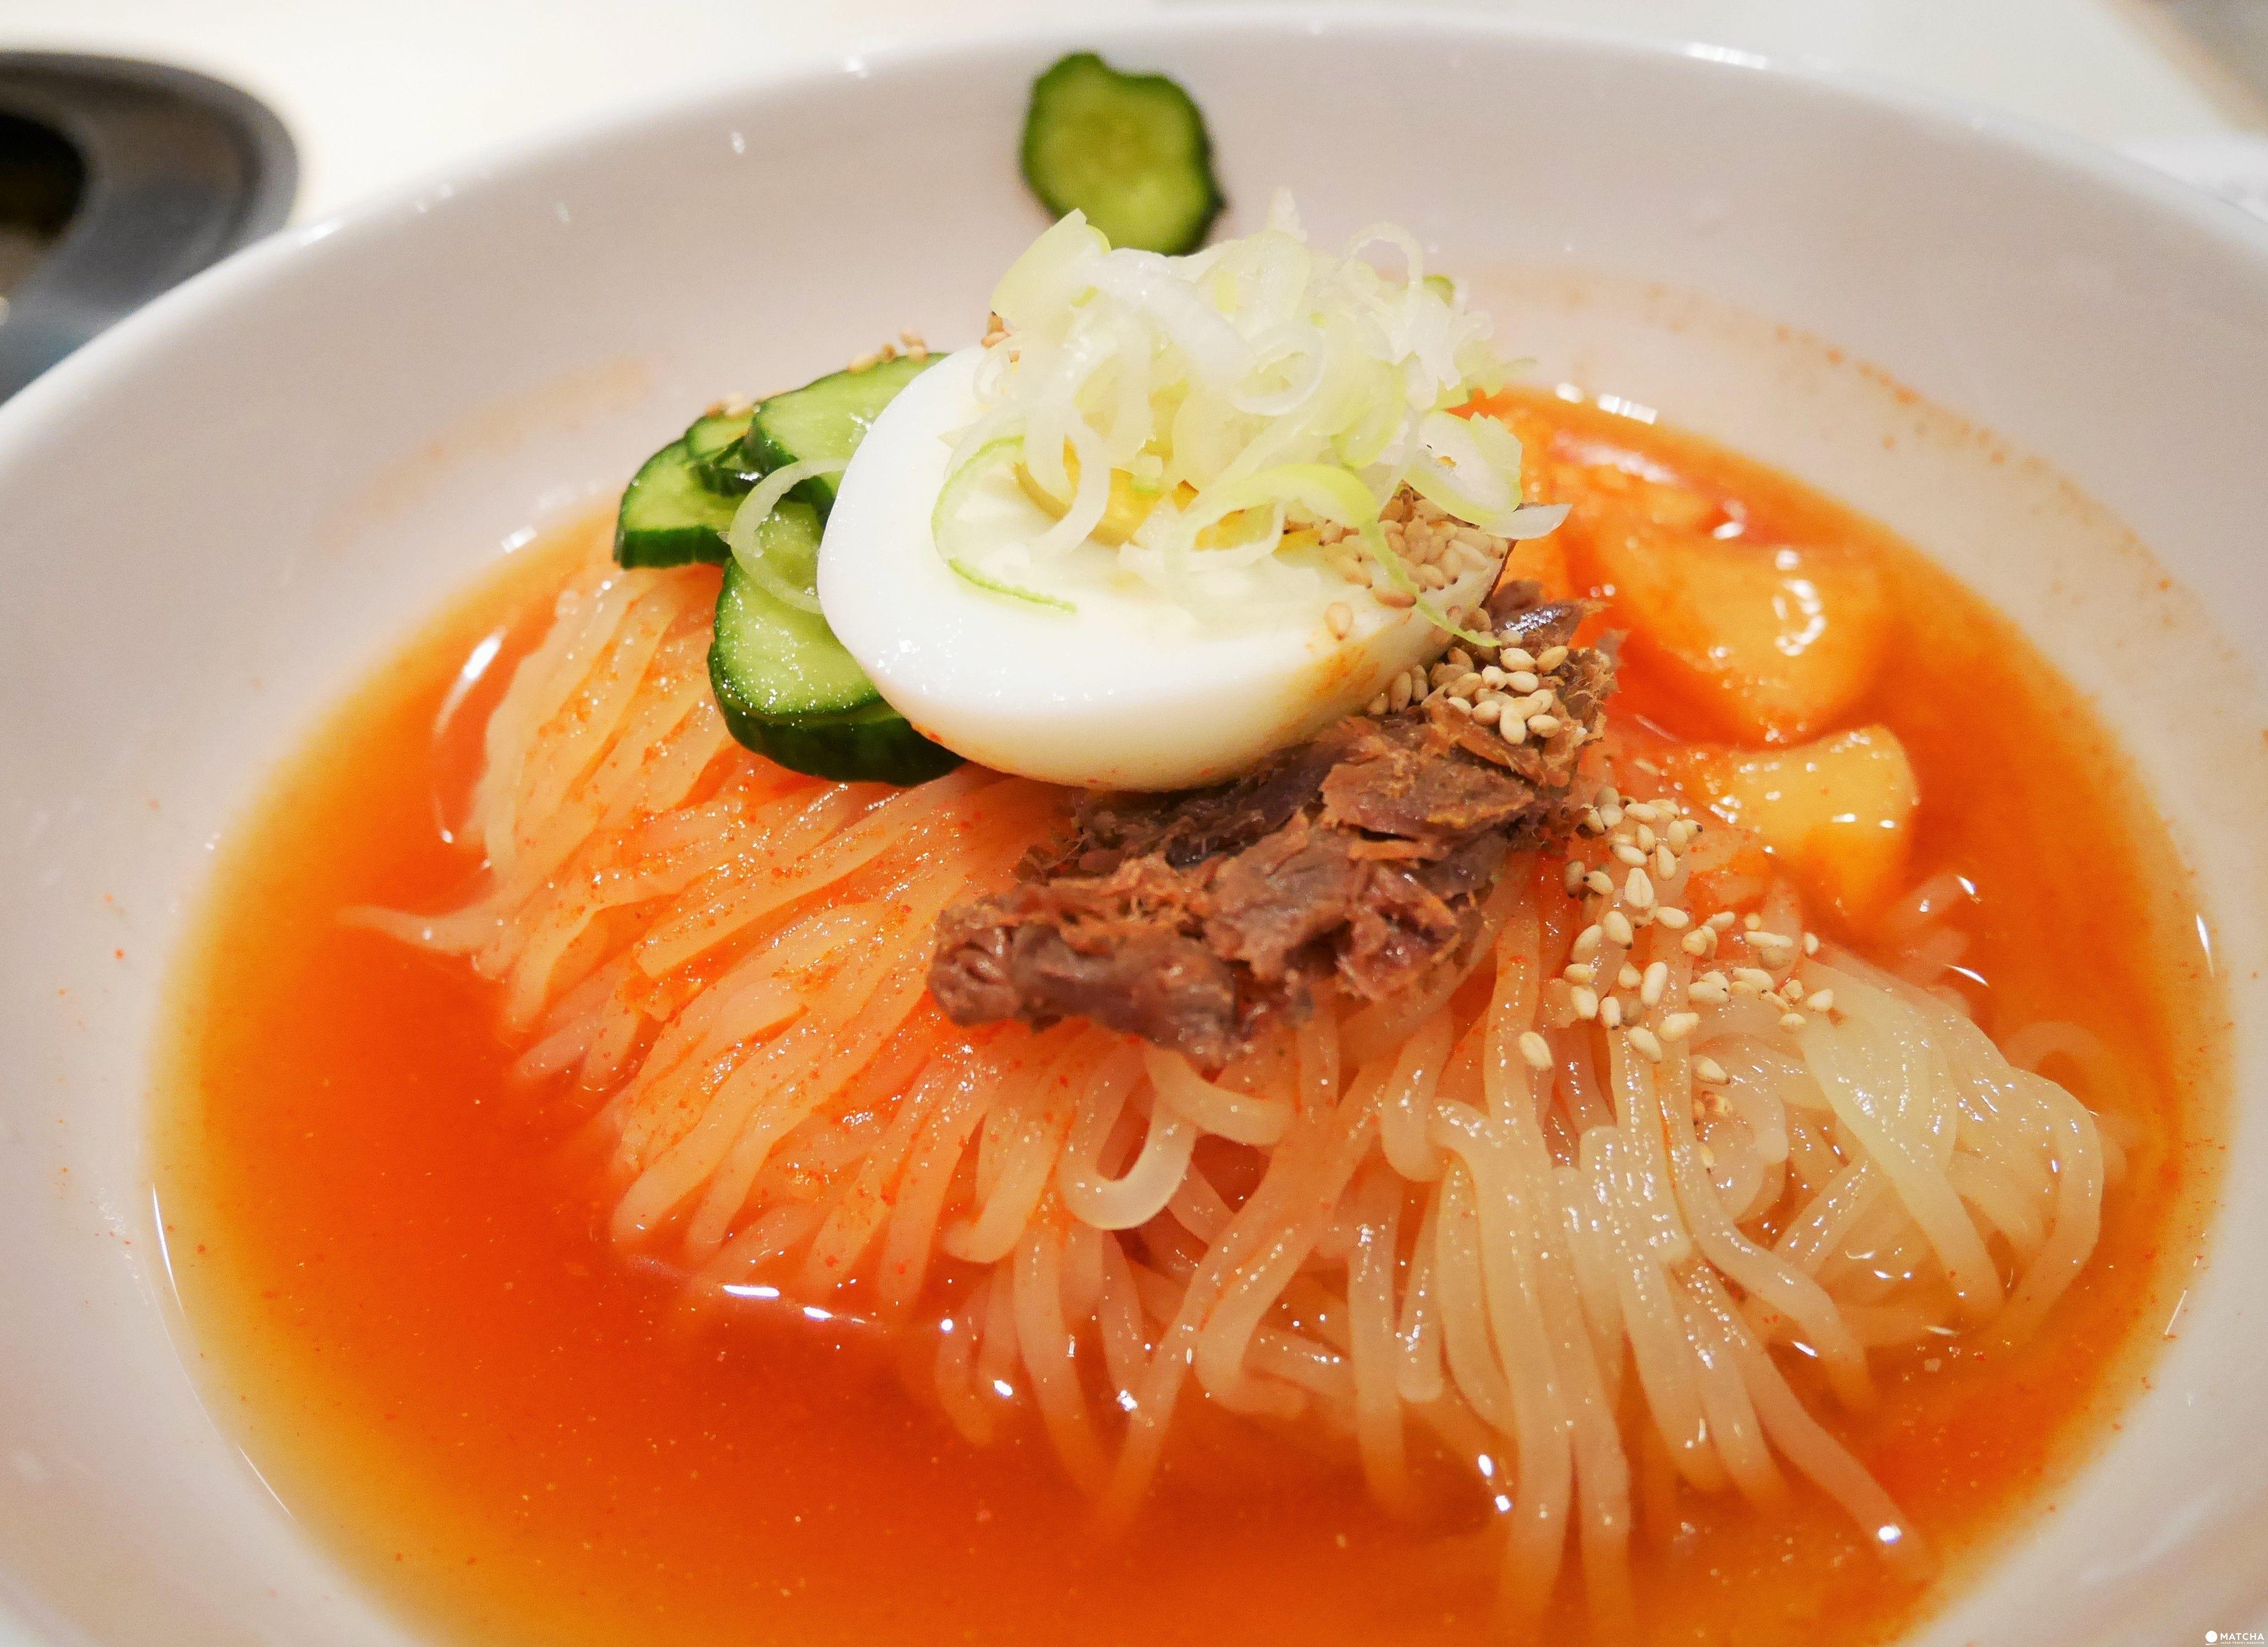 用500日圓吃遍日本排隊美食!日本外食族不能說的秘密『LUNCH PASSPORT』!